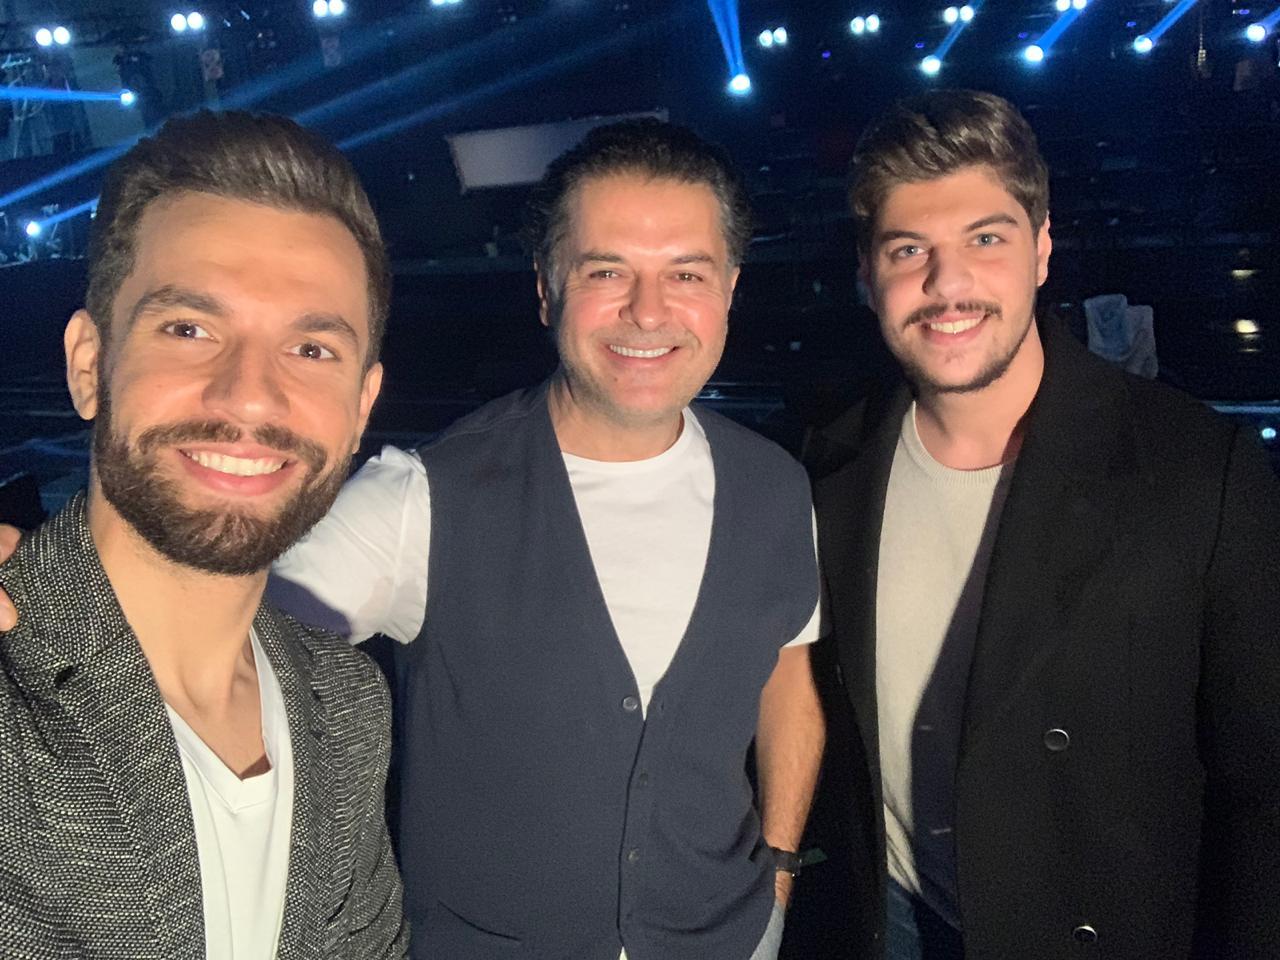 مهدي عياشي مع مدربه راغب علامة والمشترك اللبناني ميشال شلهوب